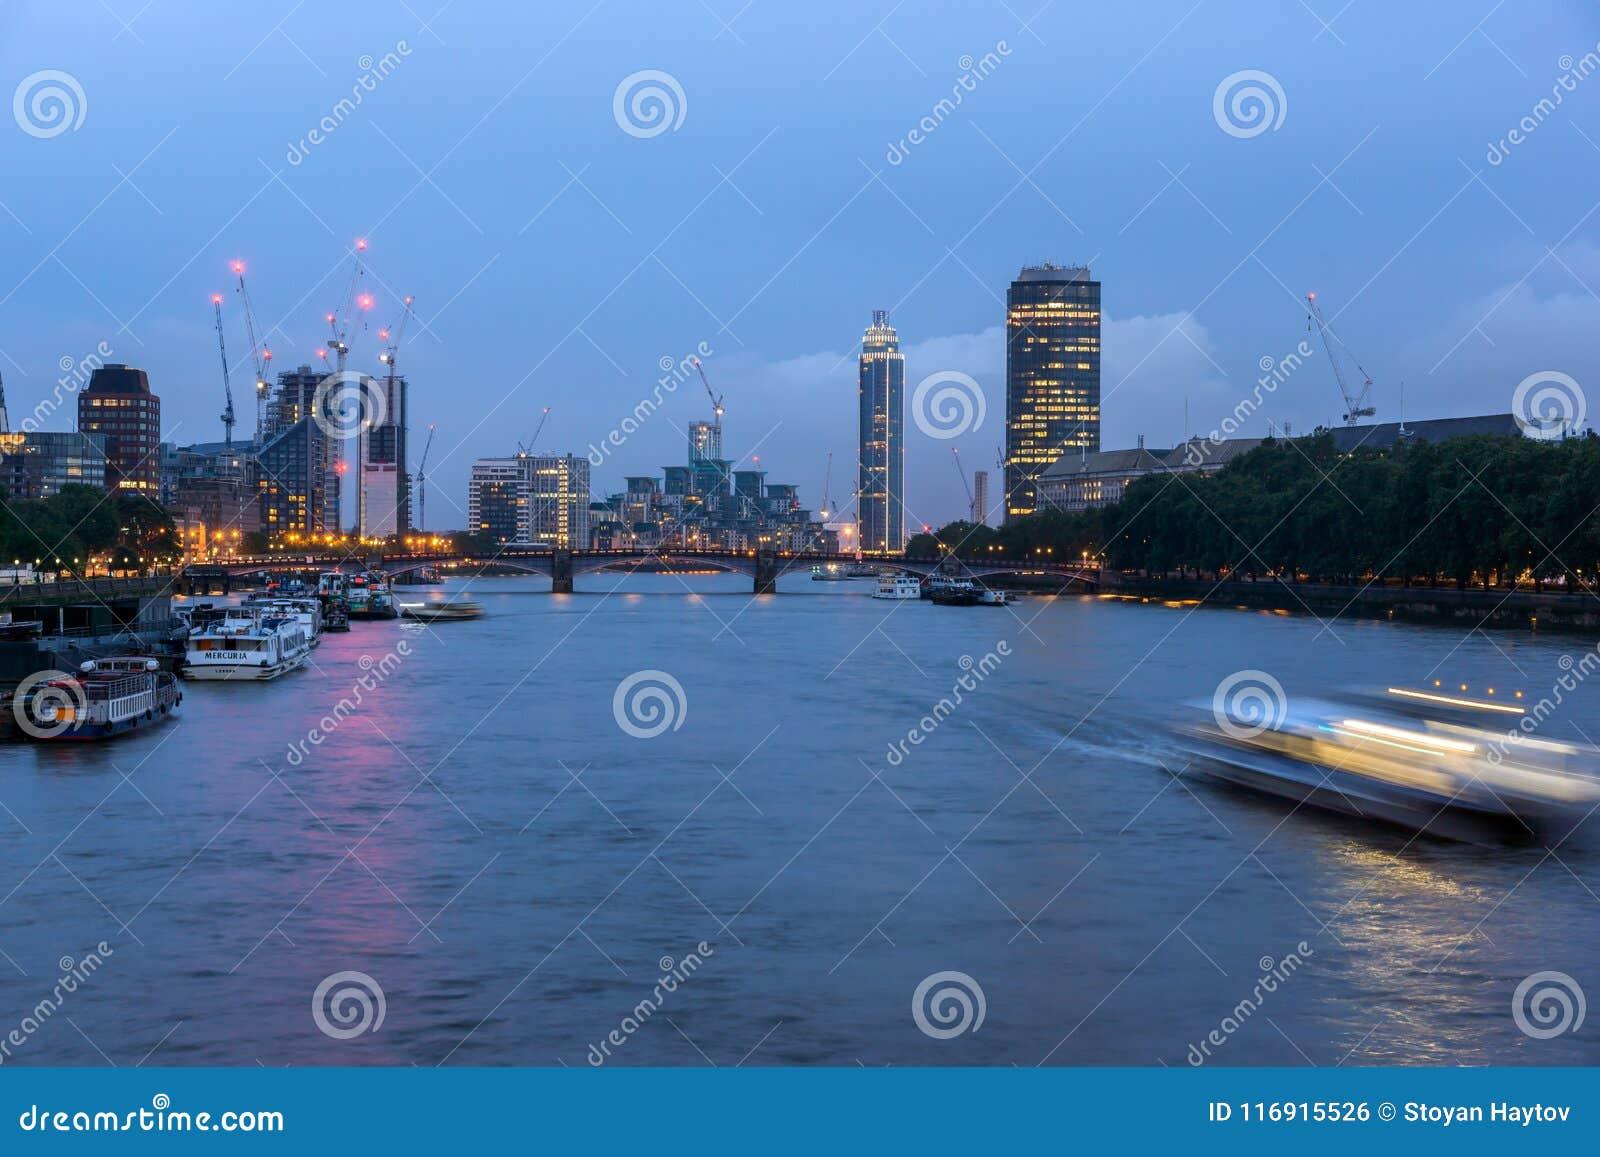 Fantastisk nattCityscape av staden av London, England, Förenade kungariket